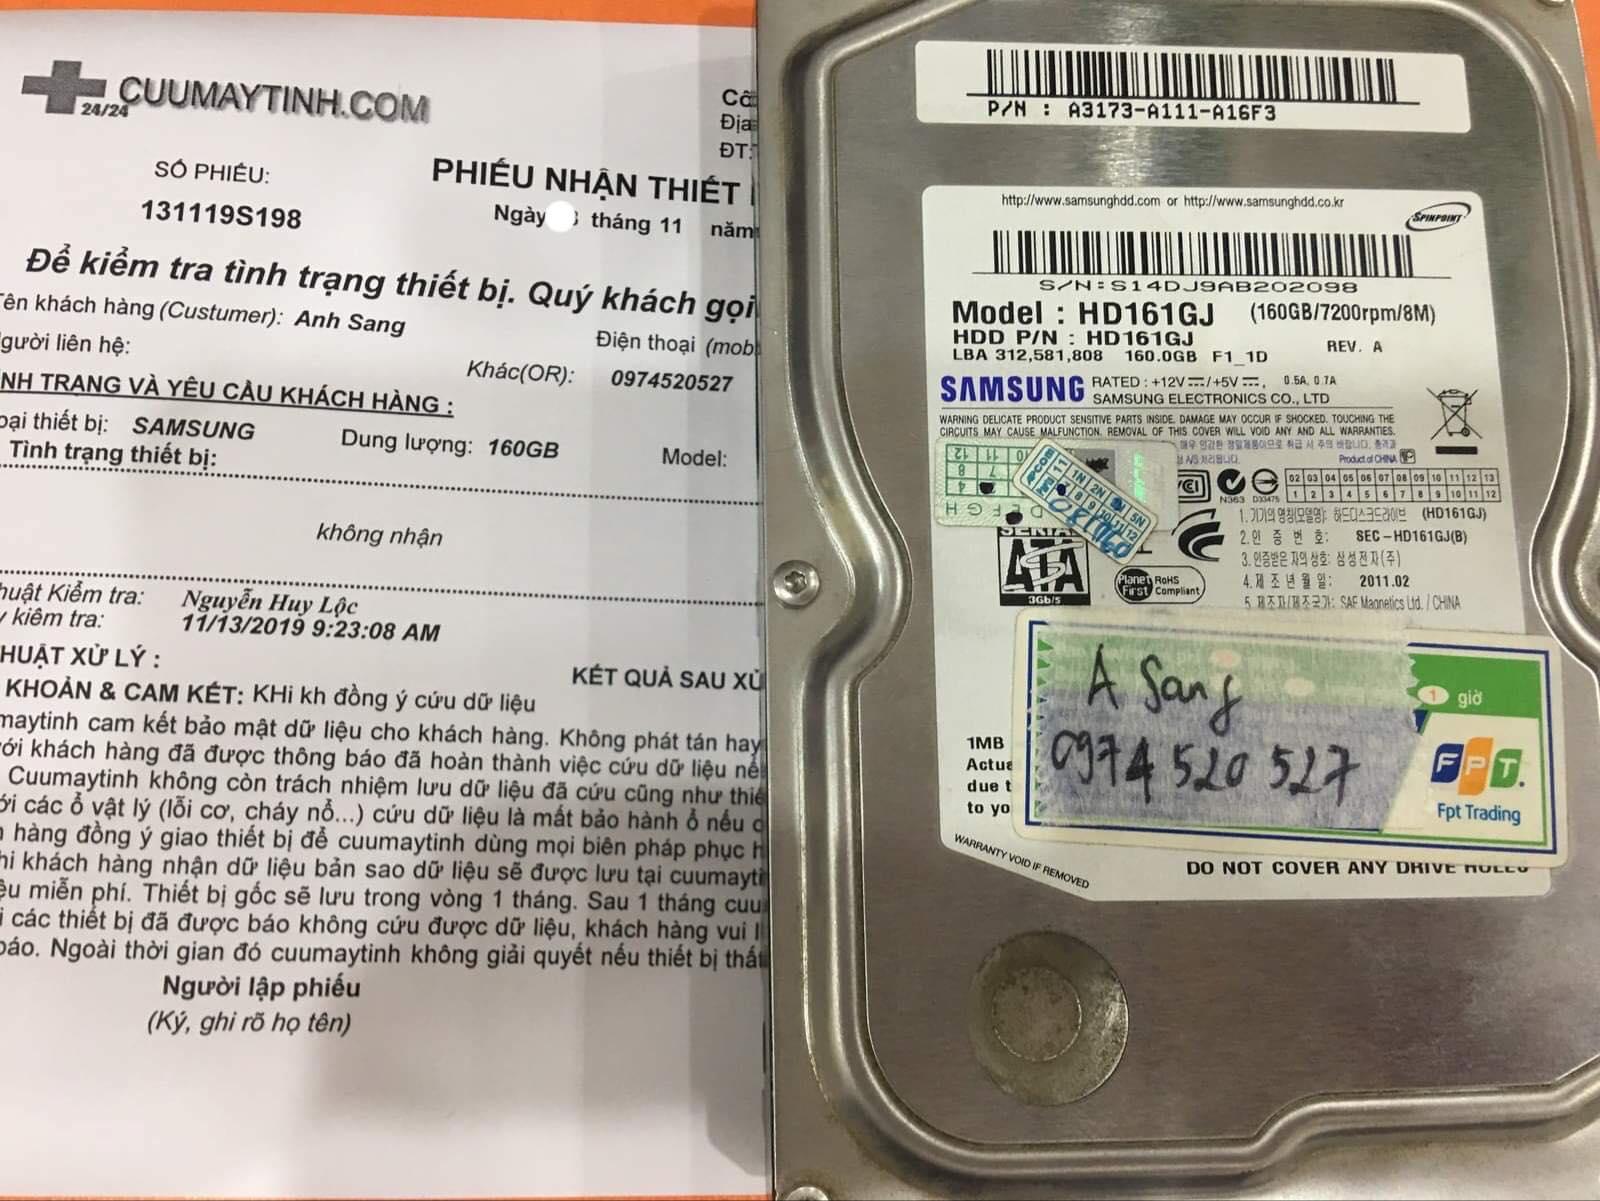 Phục hồi dữ liệu ổ cứng Samsung 160GB không nhận 29/11/2019 - cuumaytinh